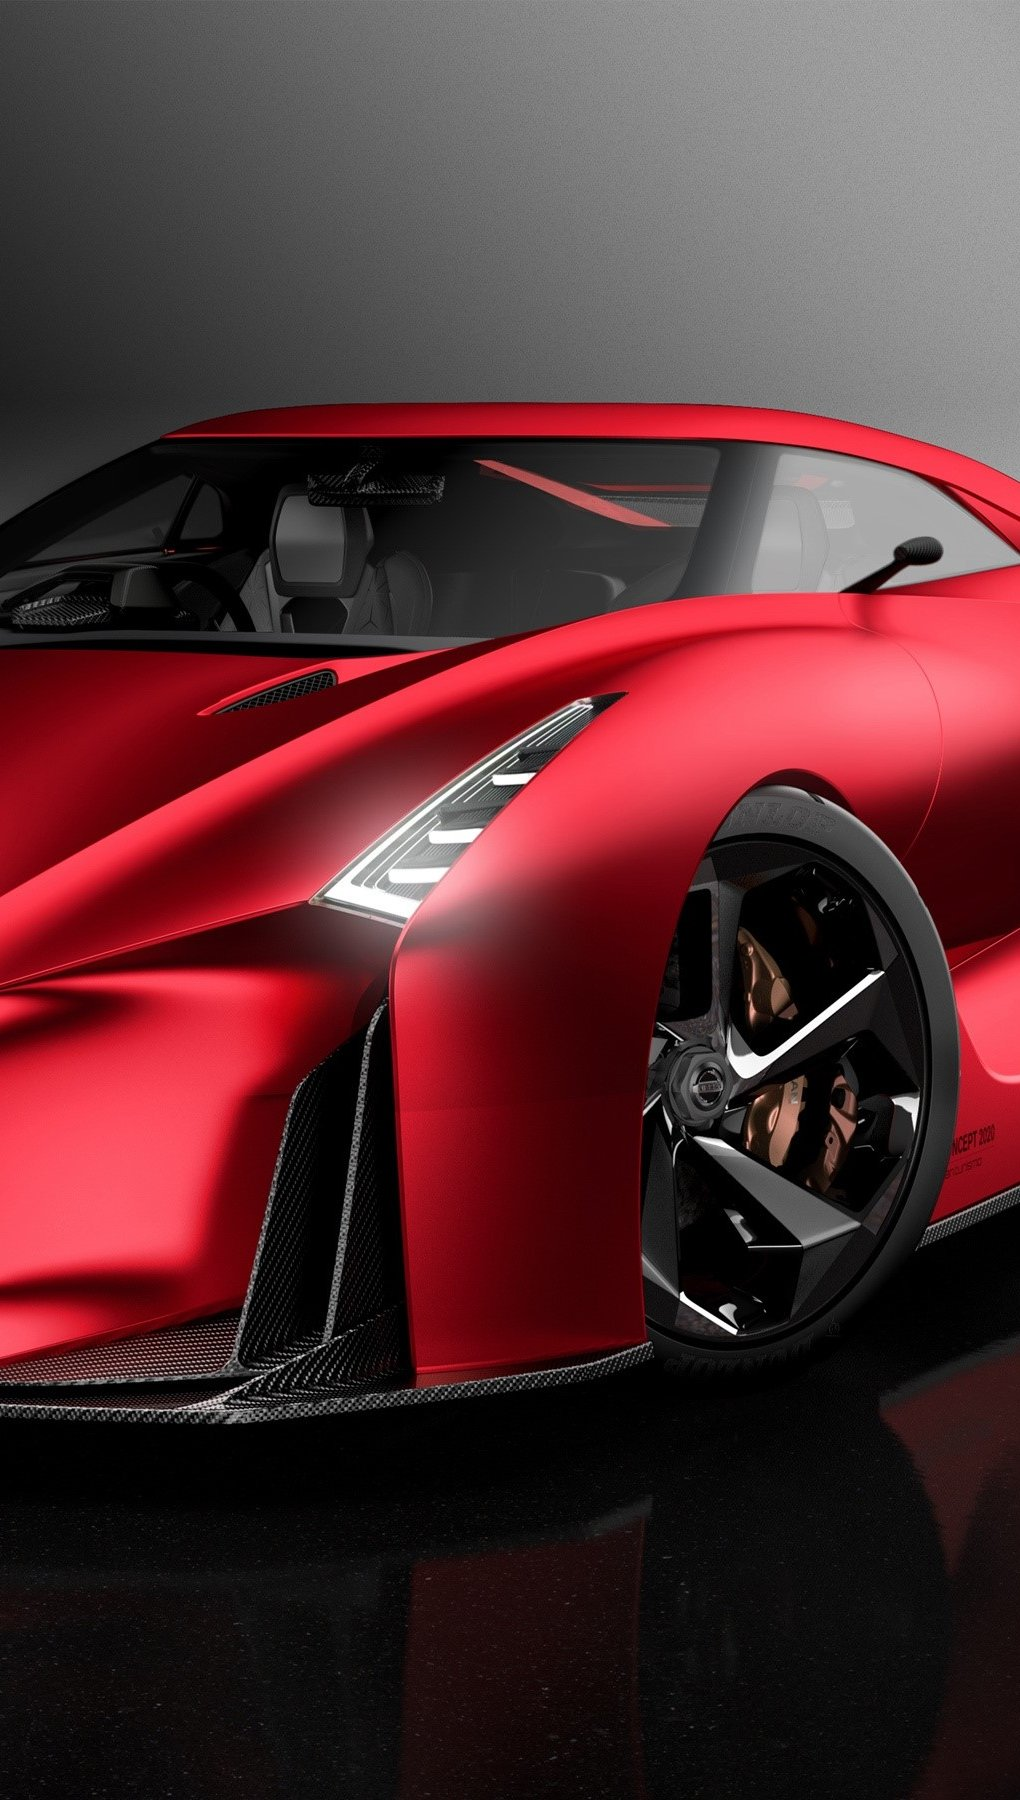 Wallpaper Nissan Concept 2020 Vertical